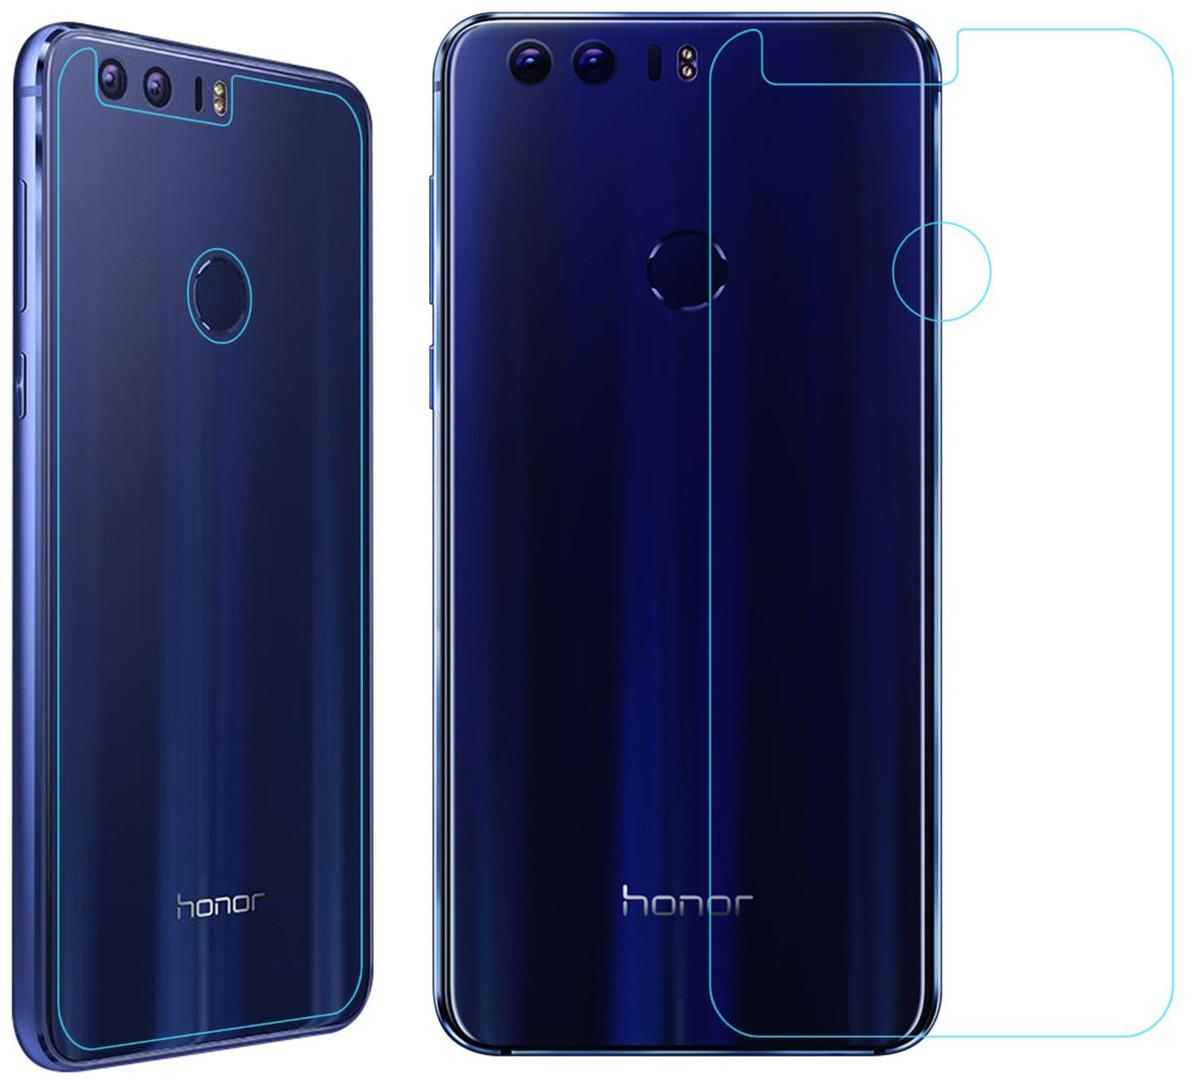 Ochranné tvrzené temperované sklo Nillkin pro Huawei Honor 8 - zadní část (Tvrzenné temperované ochranné sklo Huawei Honor 8)